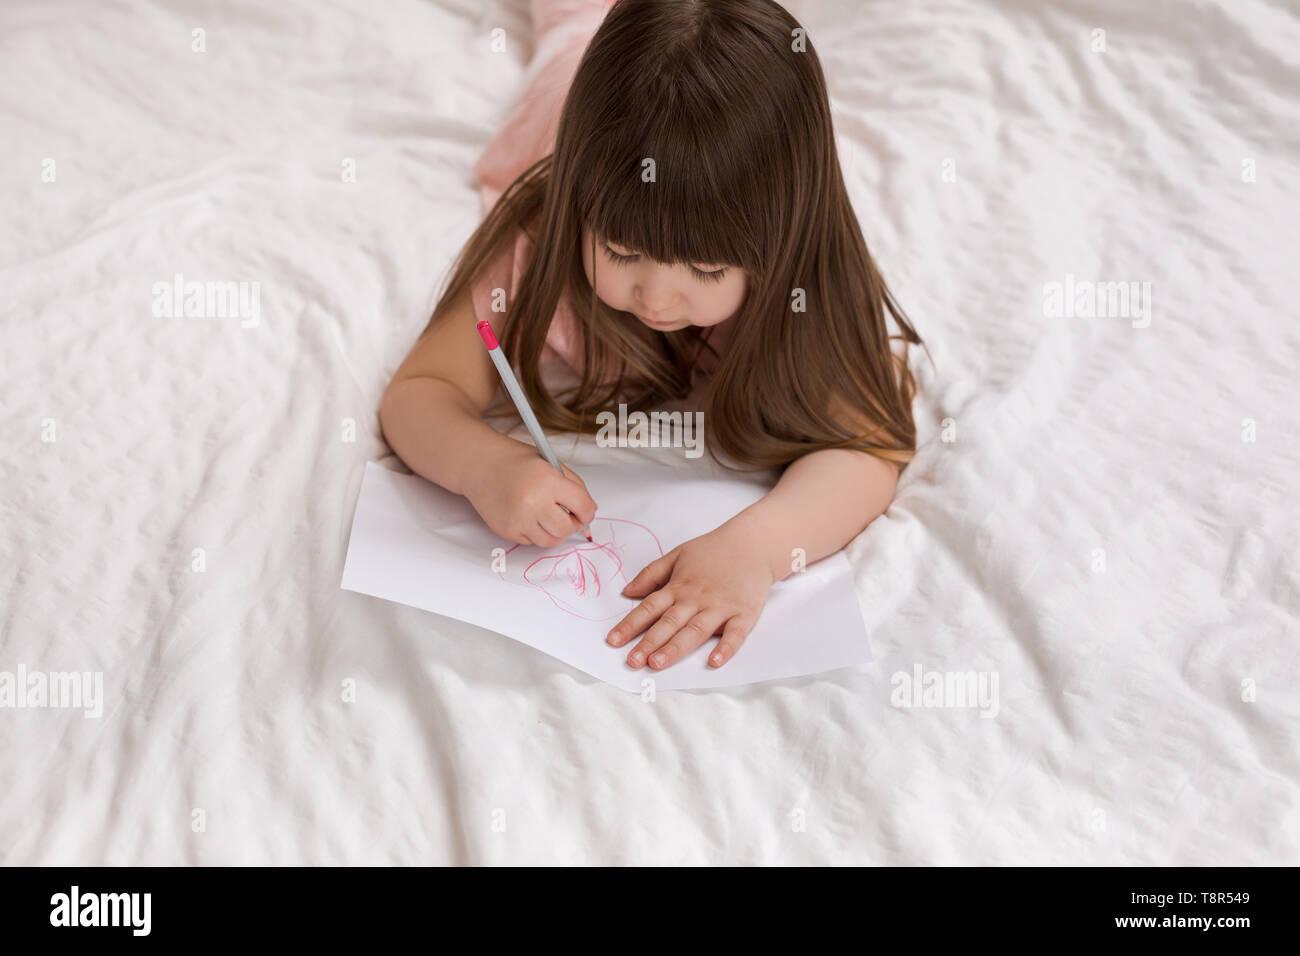 Cute Little Girl dibujar imágenes mientras estás acostado en la cama. Kid Pintura en casa vista superior. Foto de stock